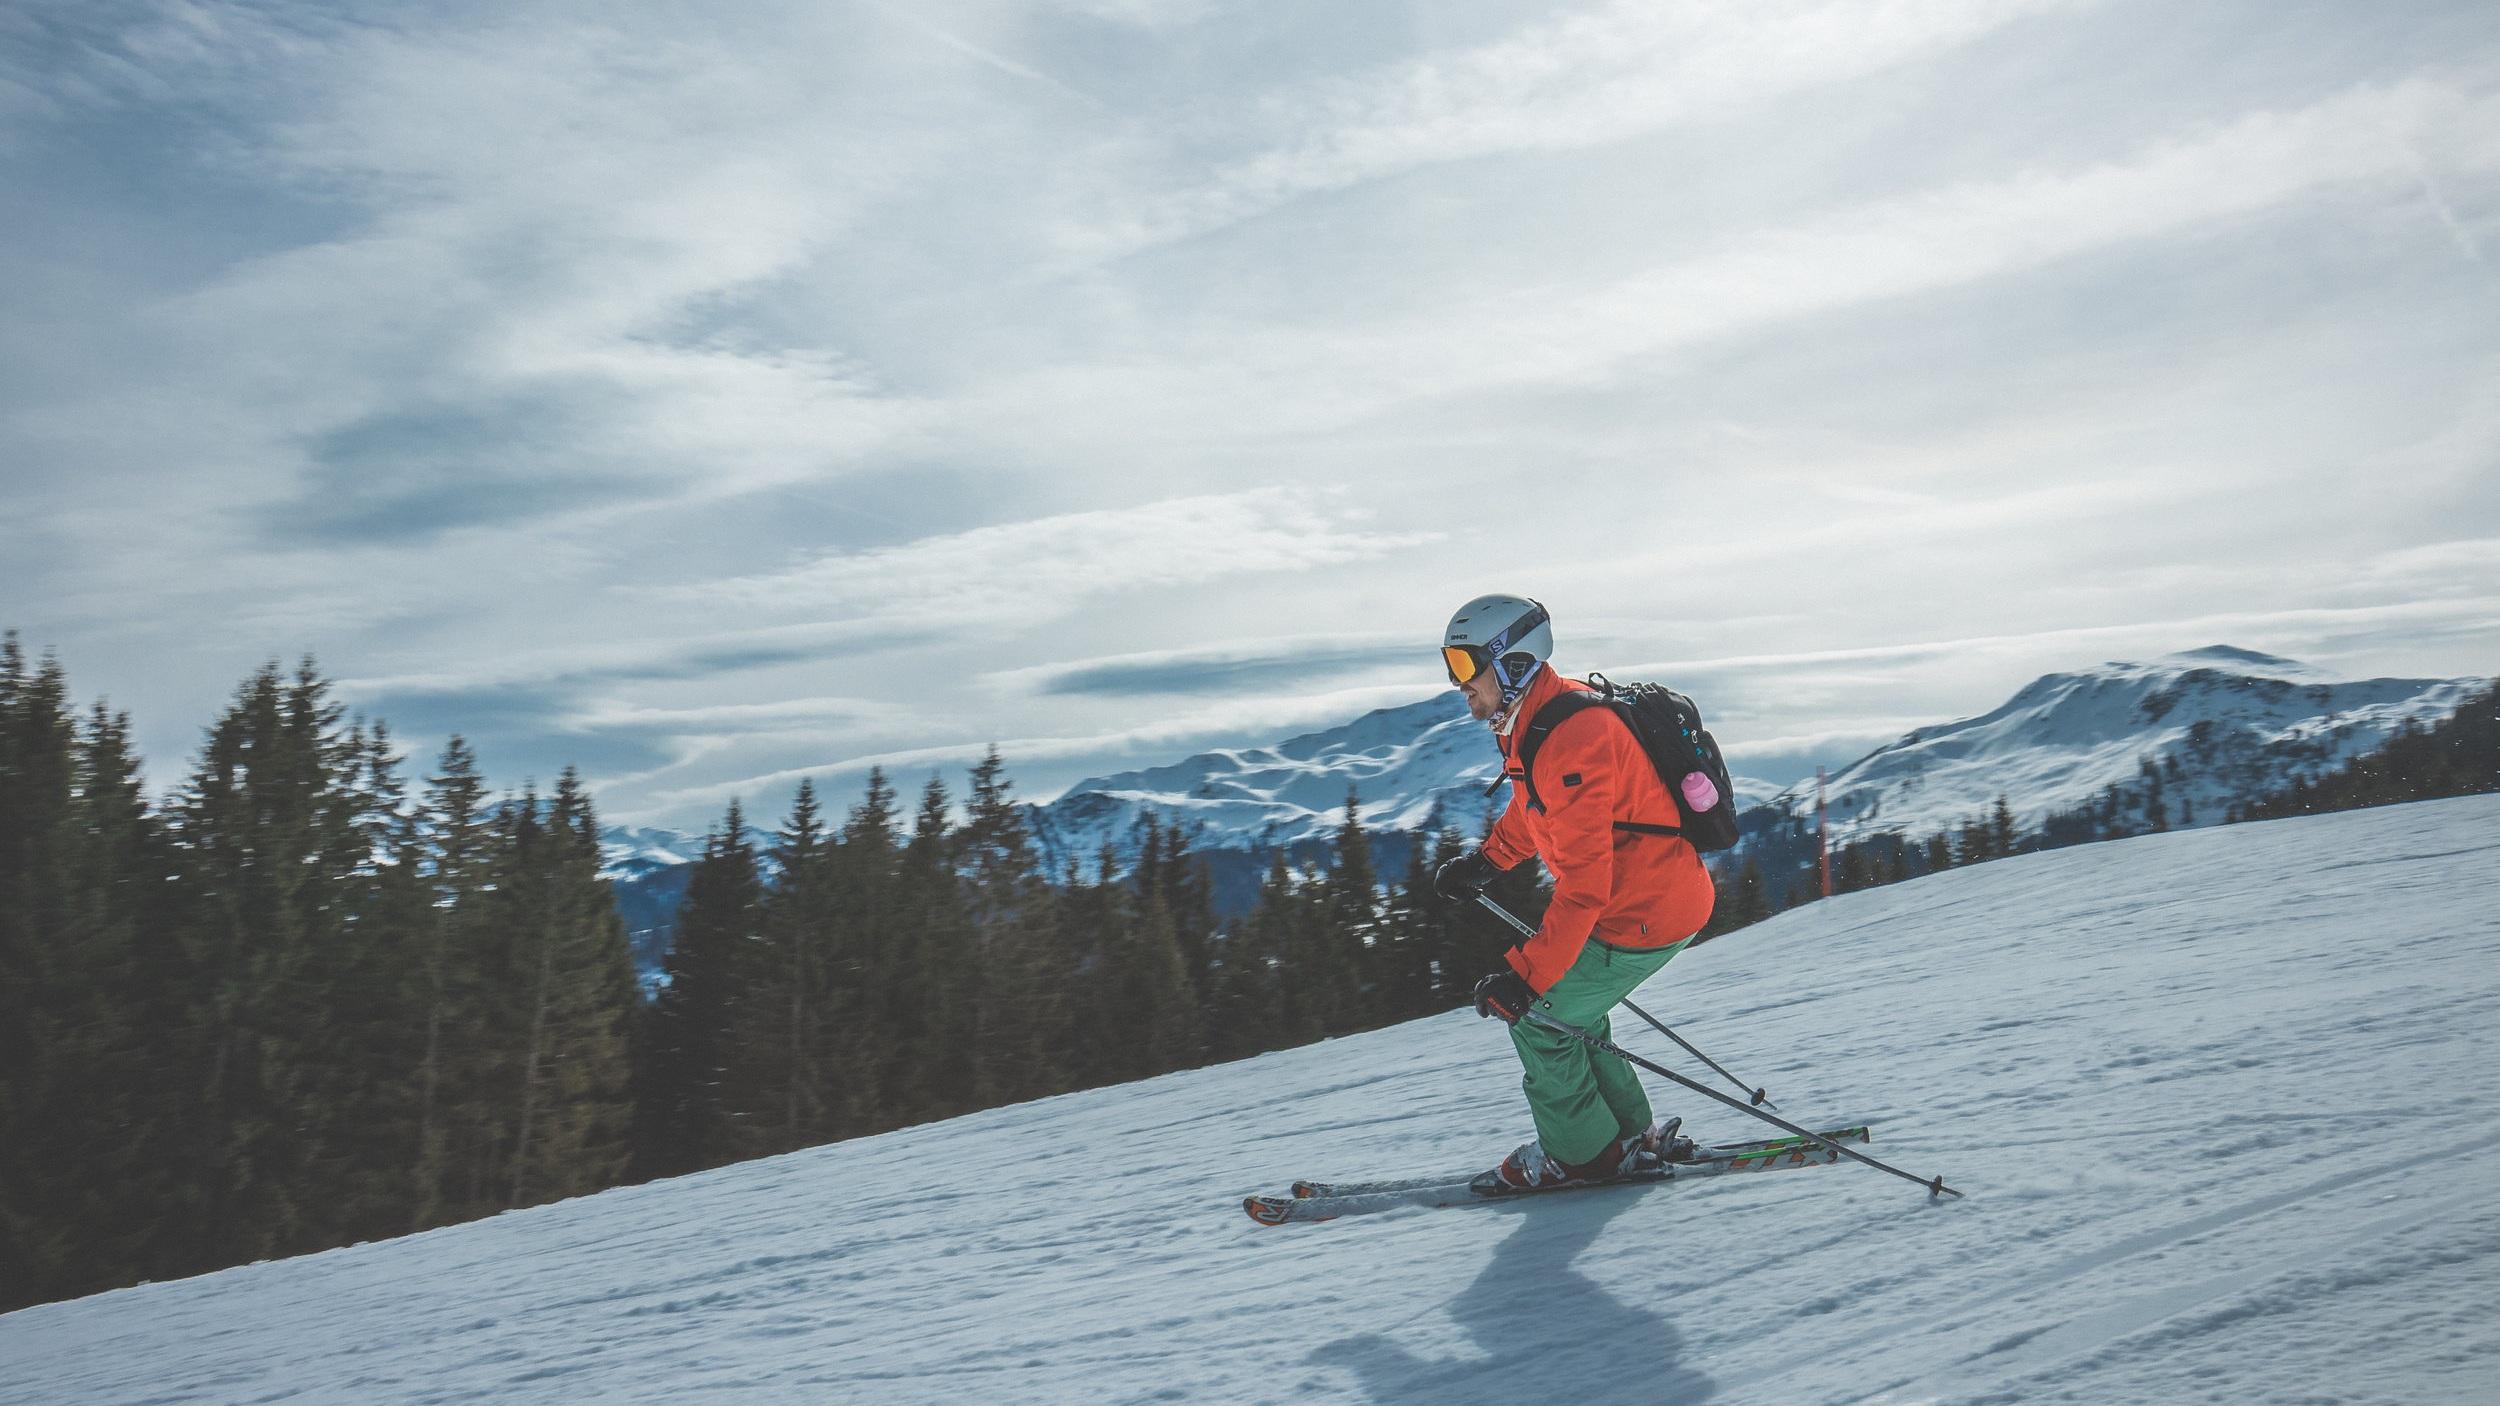 Rabbit Hill - skidresort - Endast 15 minuters bilresa från Edmonton ligger skid- och snowboardresorten Rabbit Hill. En perfekt dagsutflykt för hela familjen.